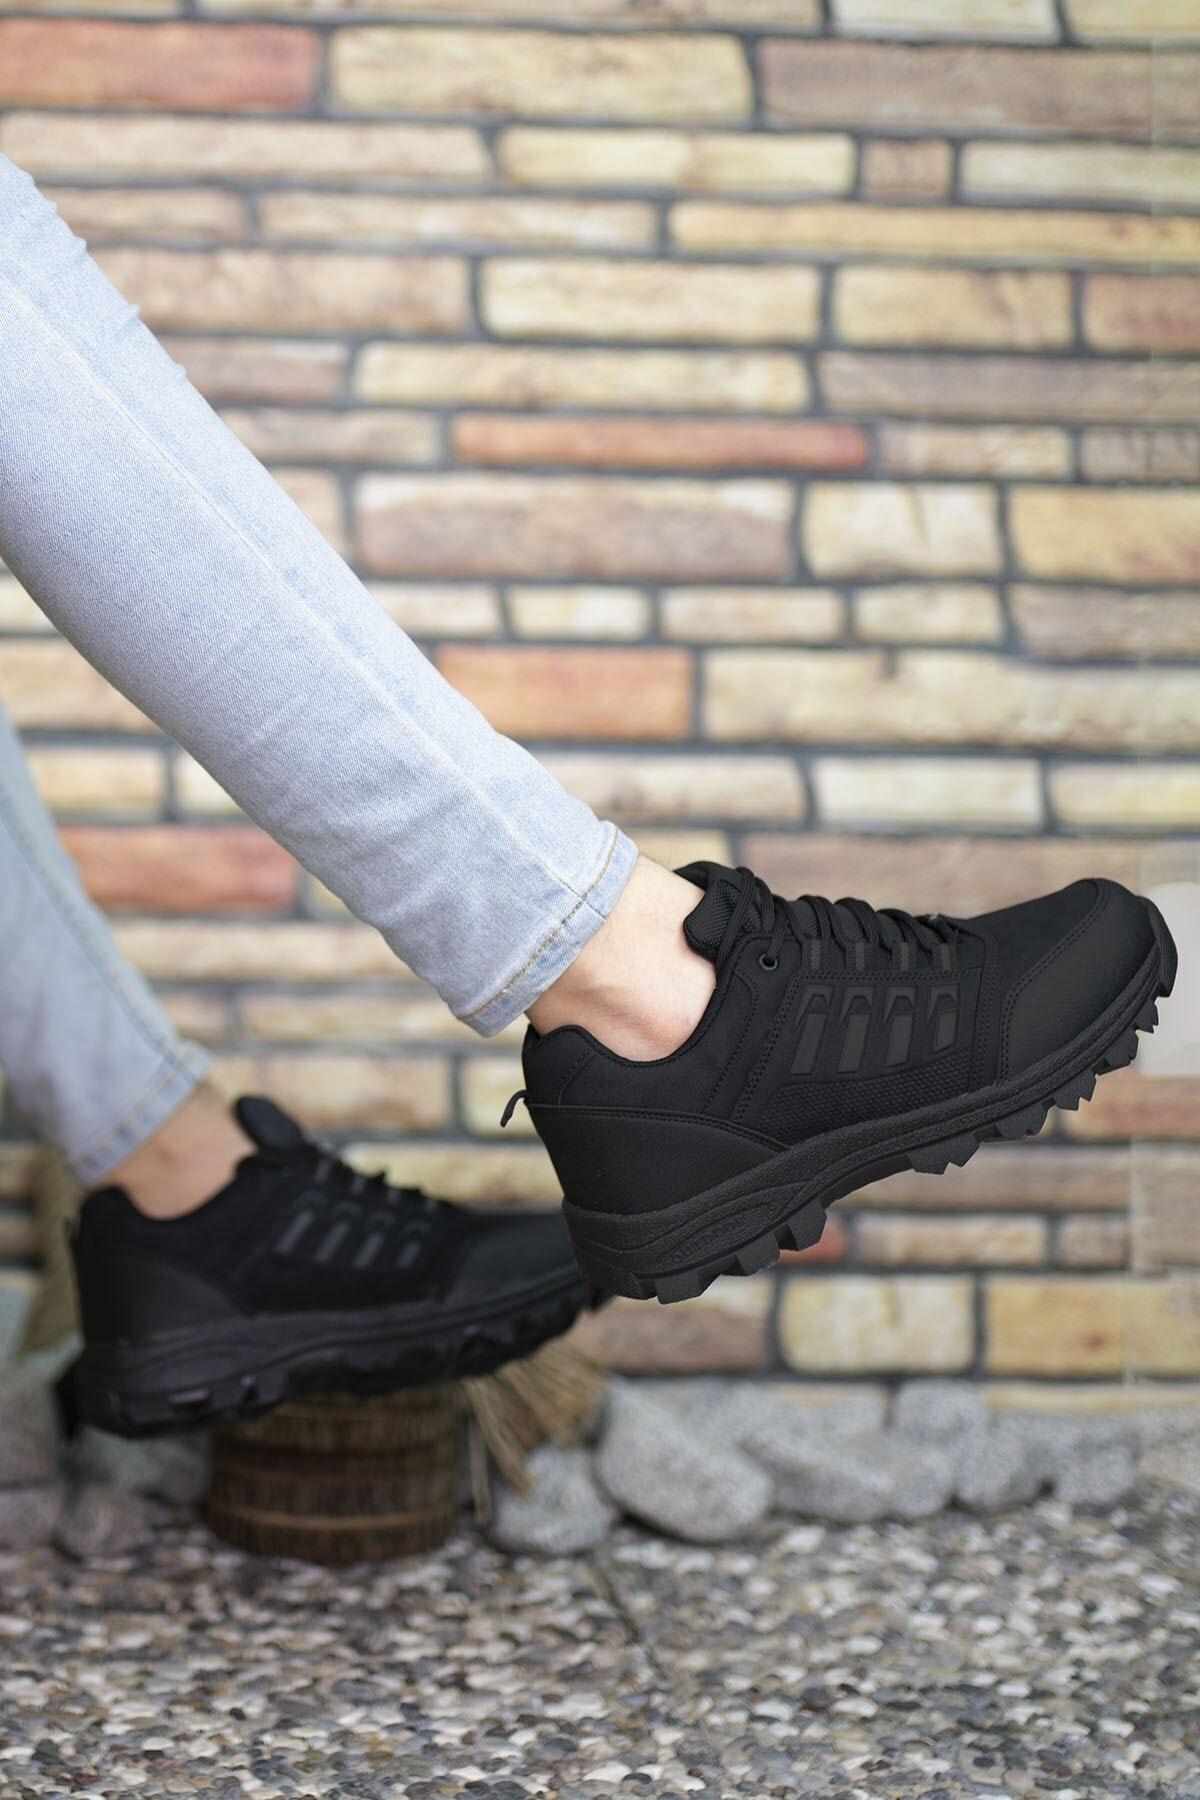 Riccon Siyah Erkek Trekking Ayakkabı 0012x5 2